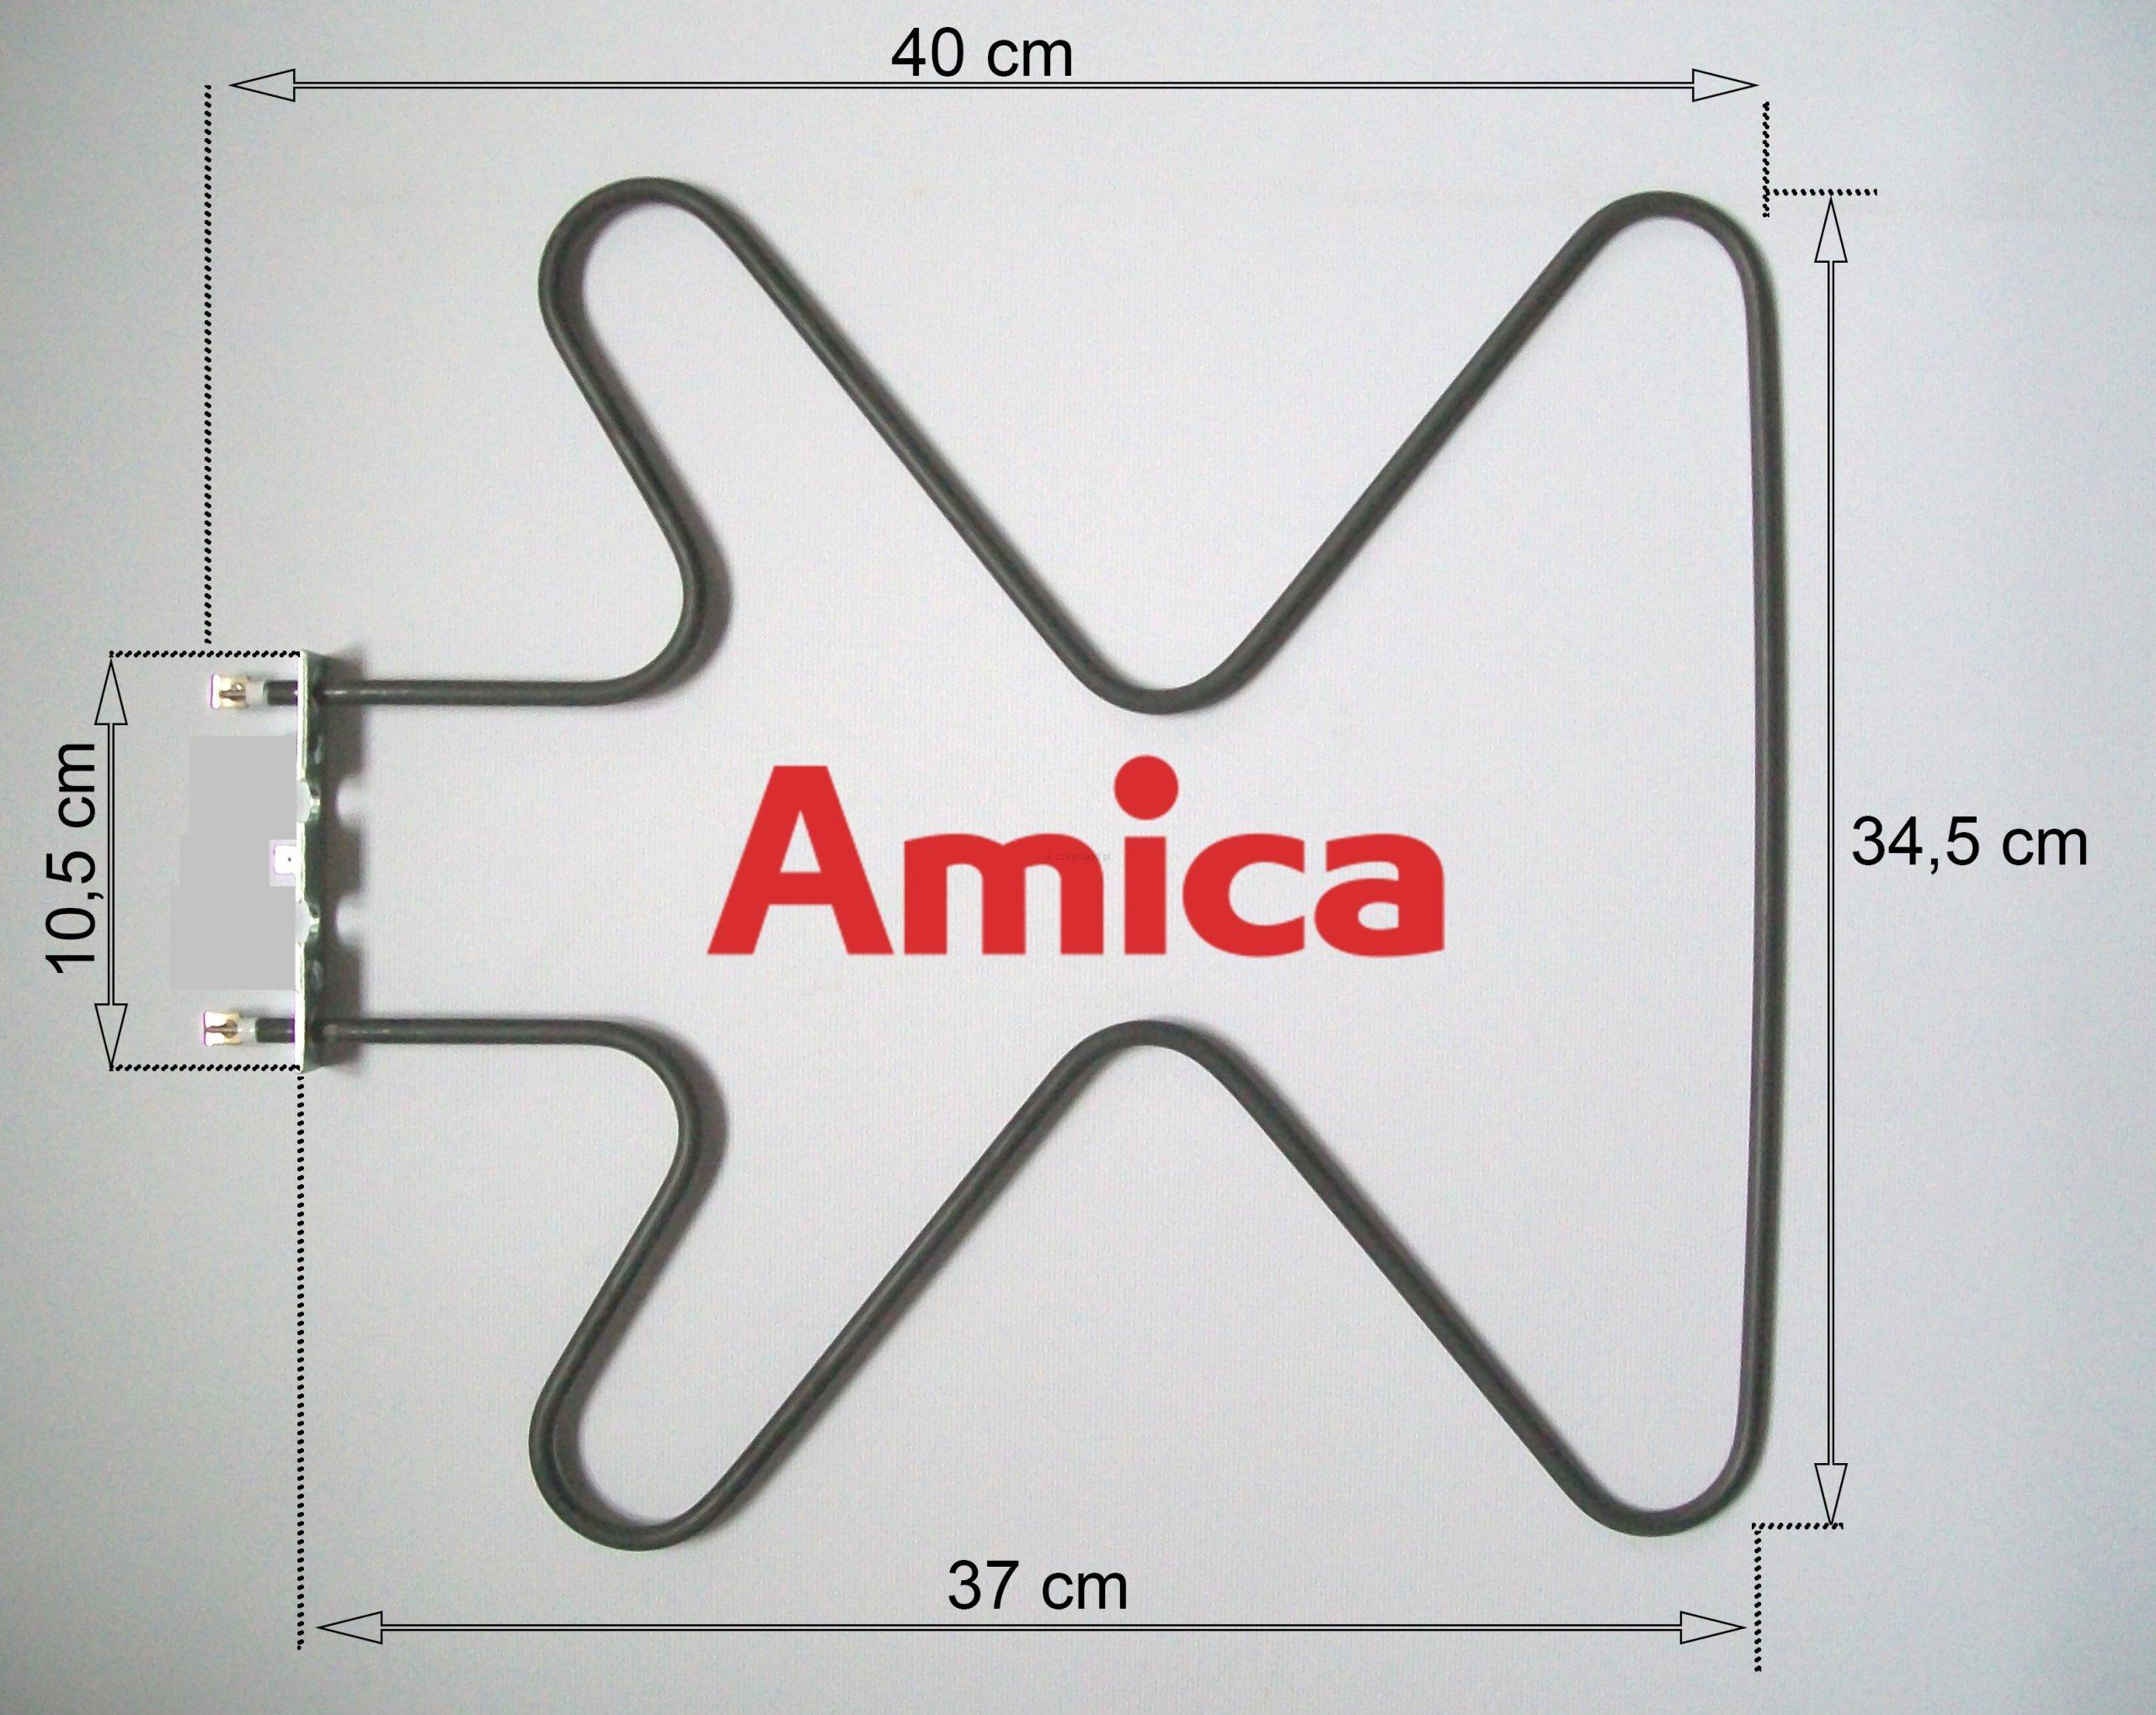 Orygnialna grzałka dolna piekarnika Amica 1300W Przeznaczenie kuchenka